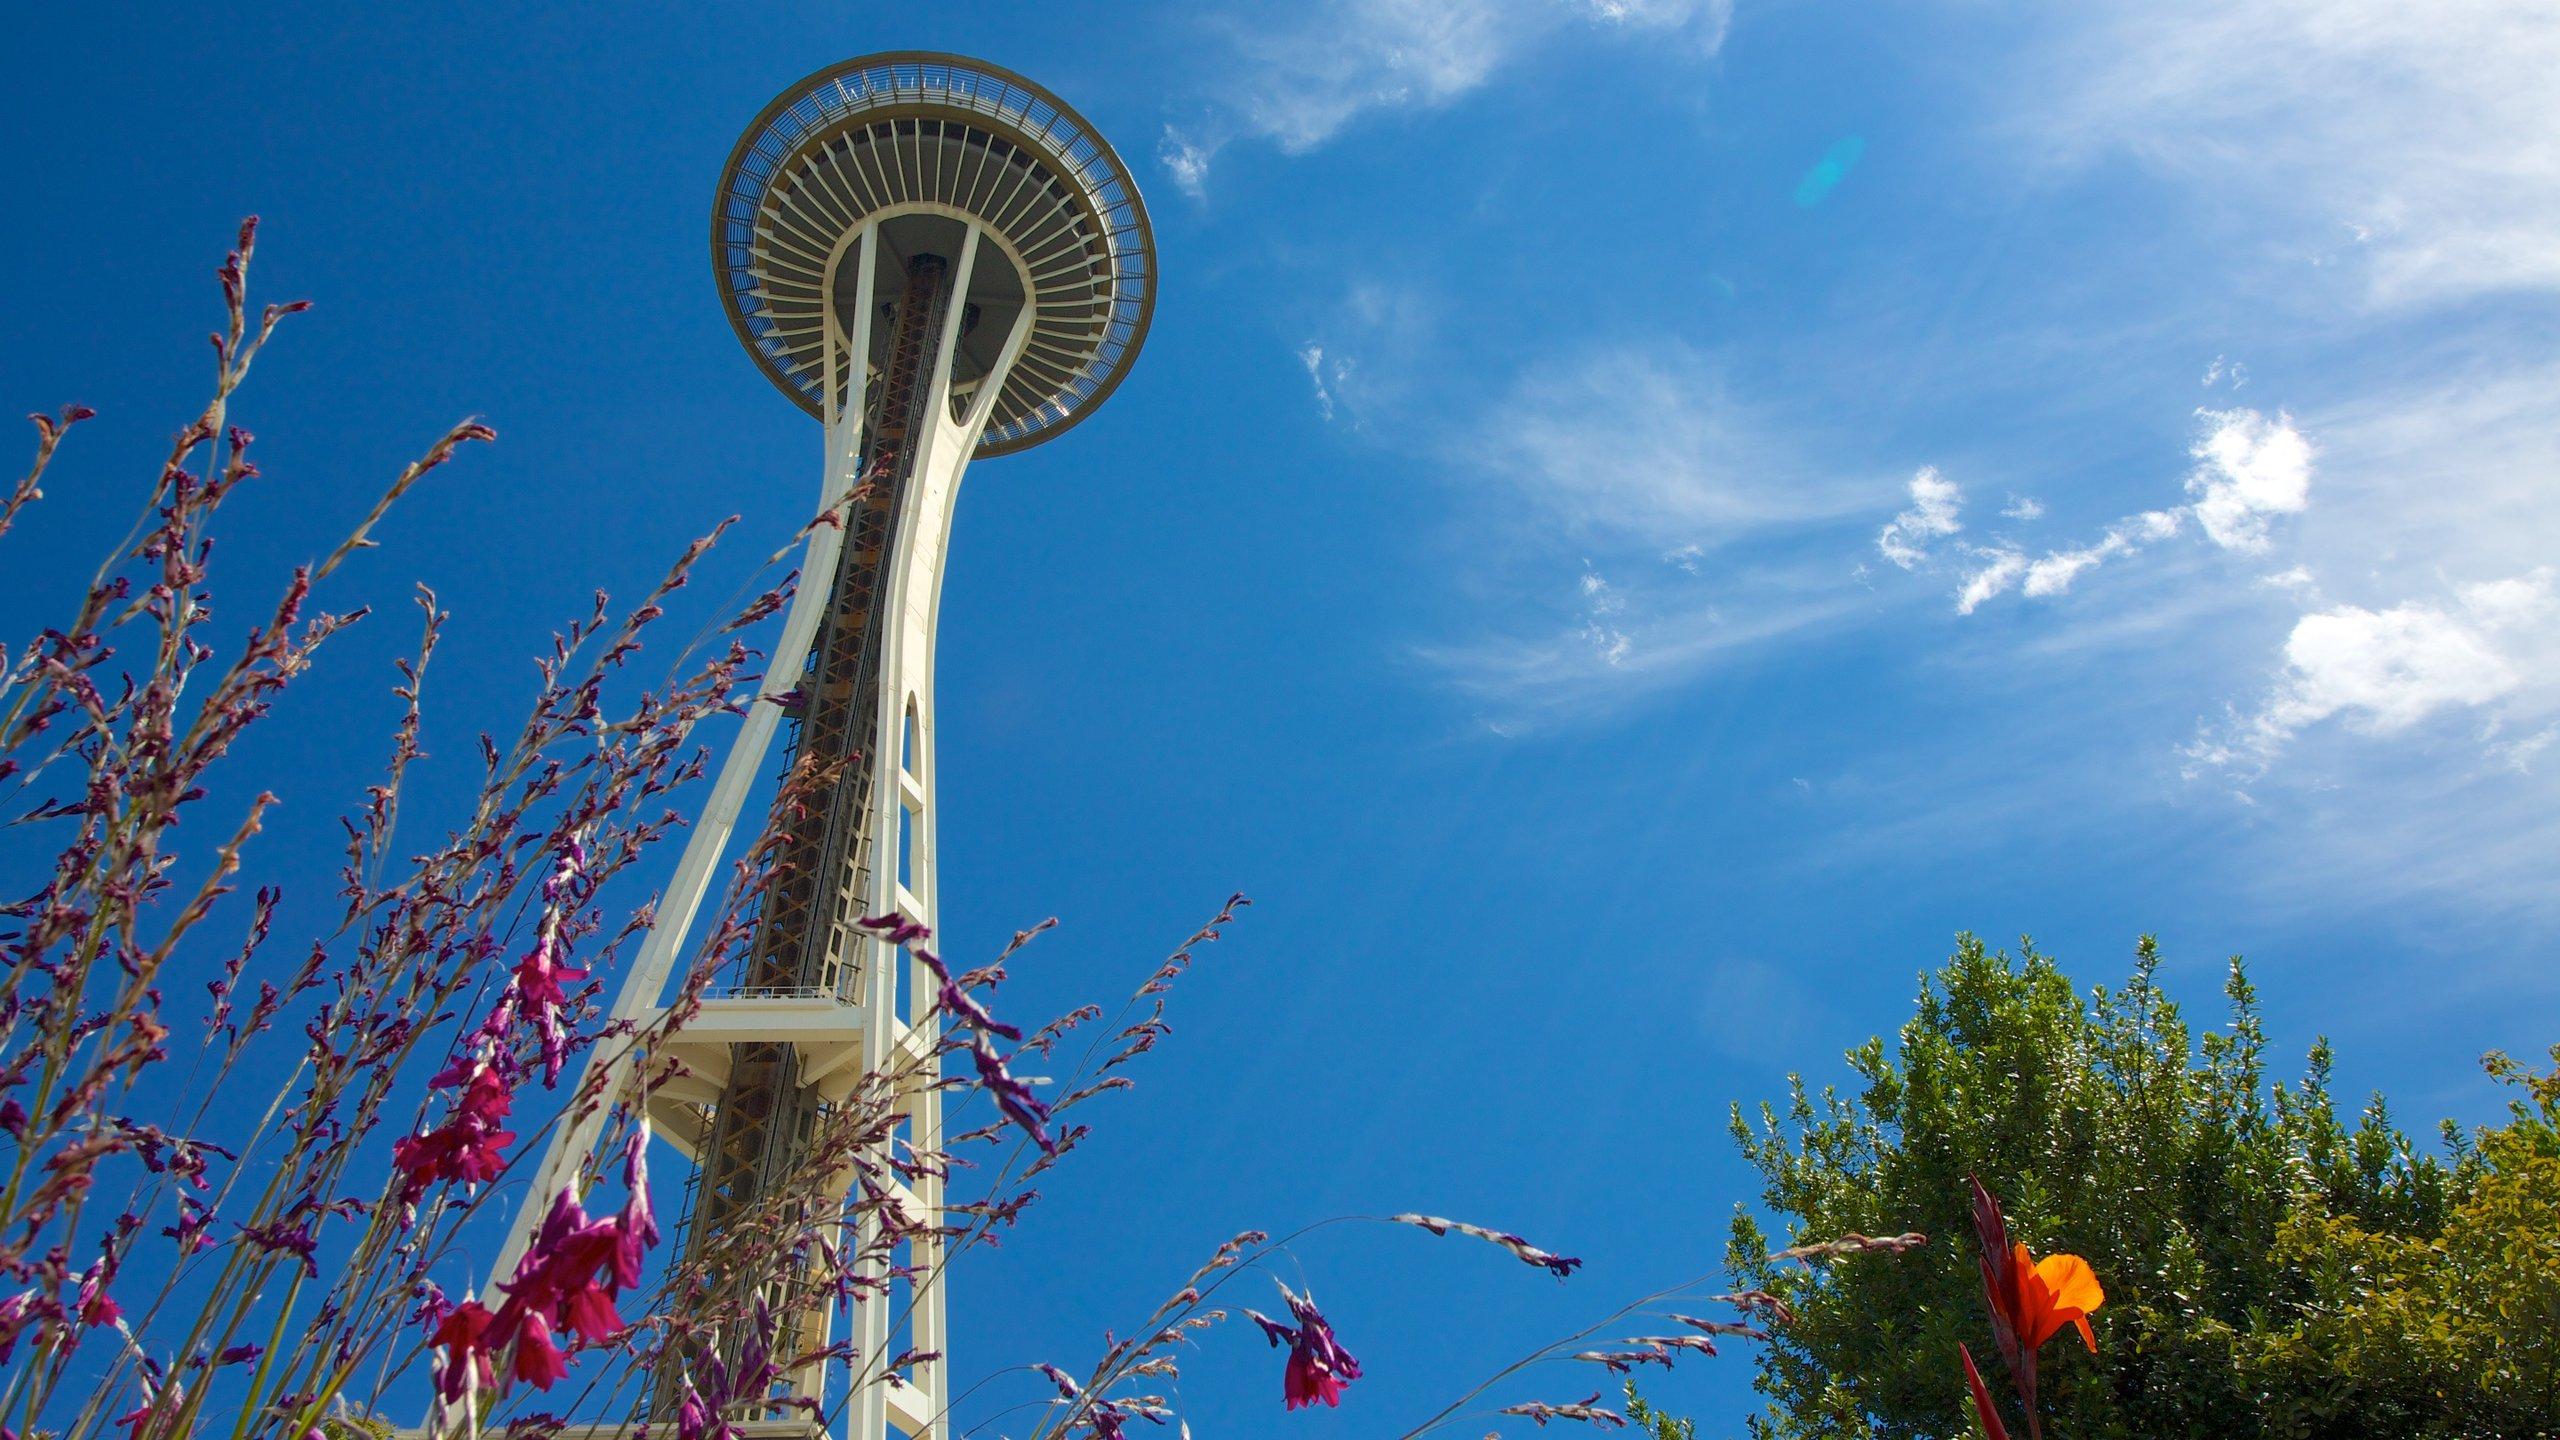 Det er lett å kjenne igjen Seattles skyline når du ser denne store, slanke konstruksjonen som ble bygget til verdensutstillingen i 1962.